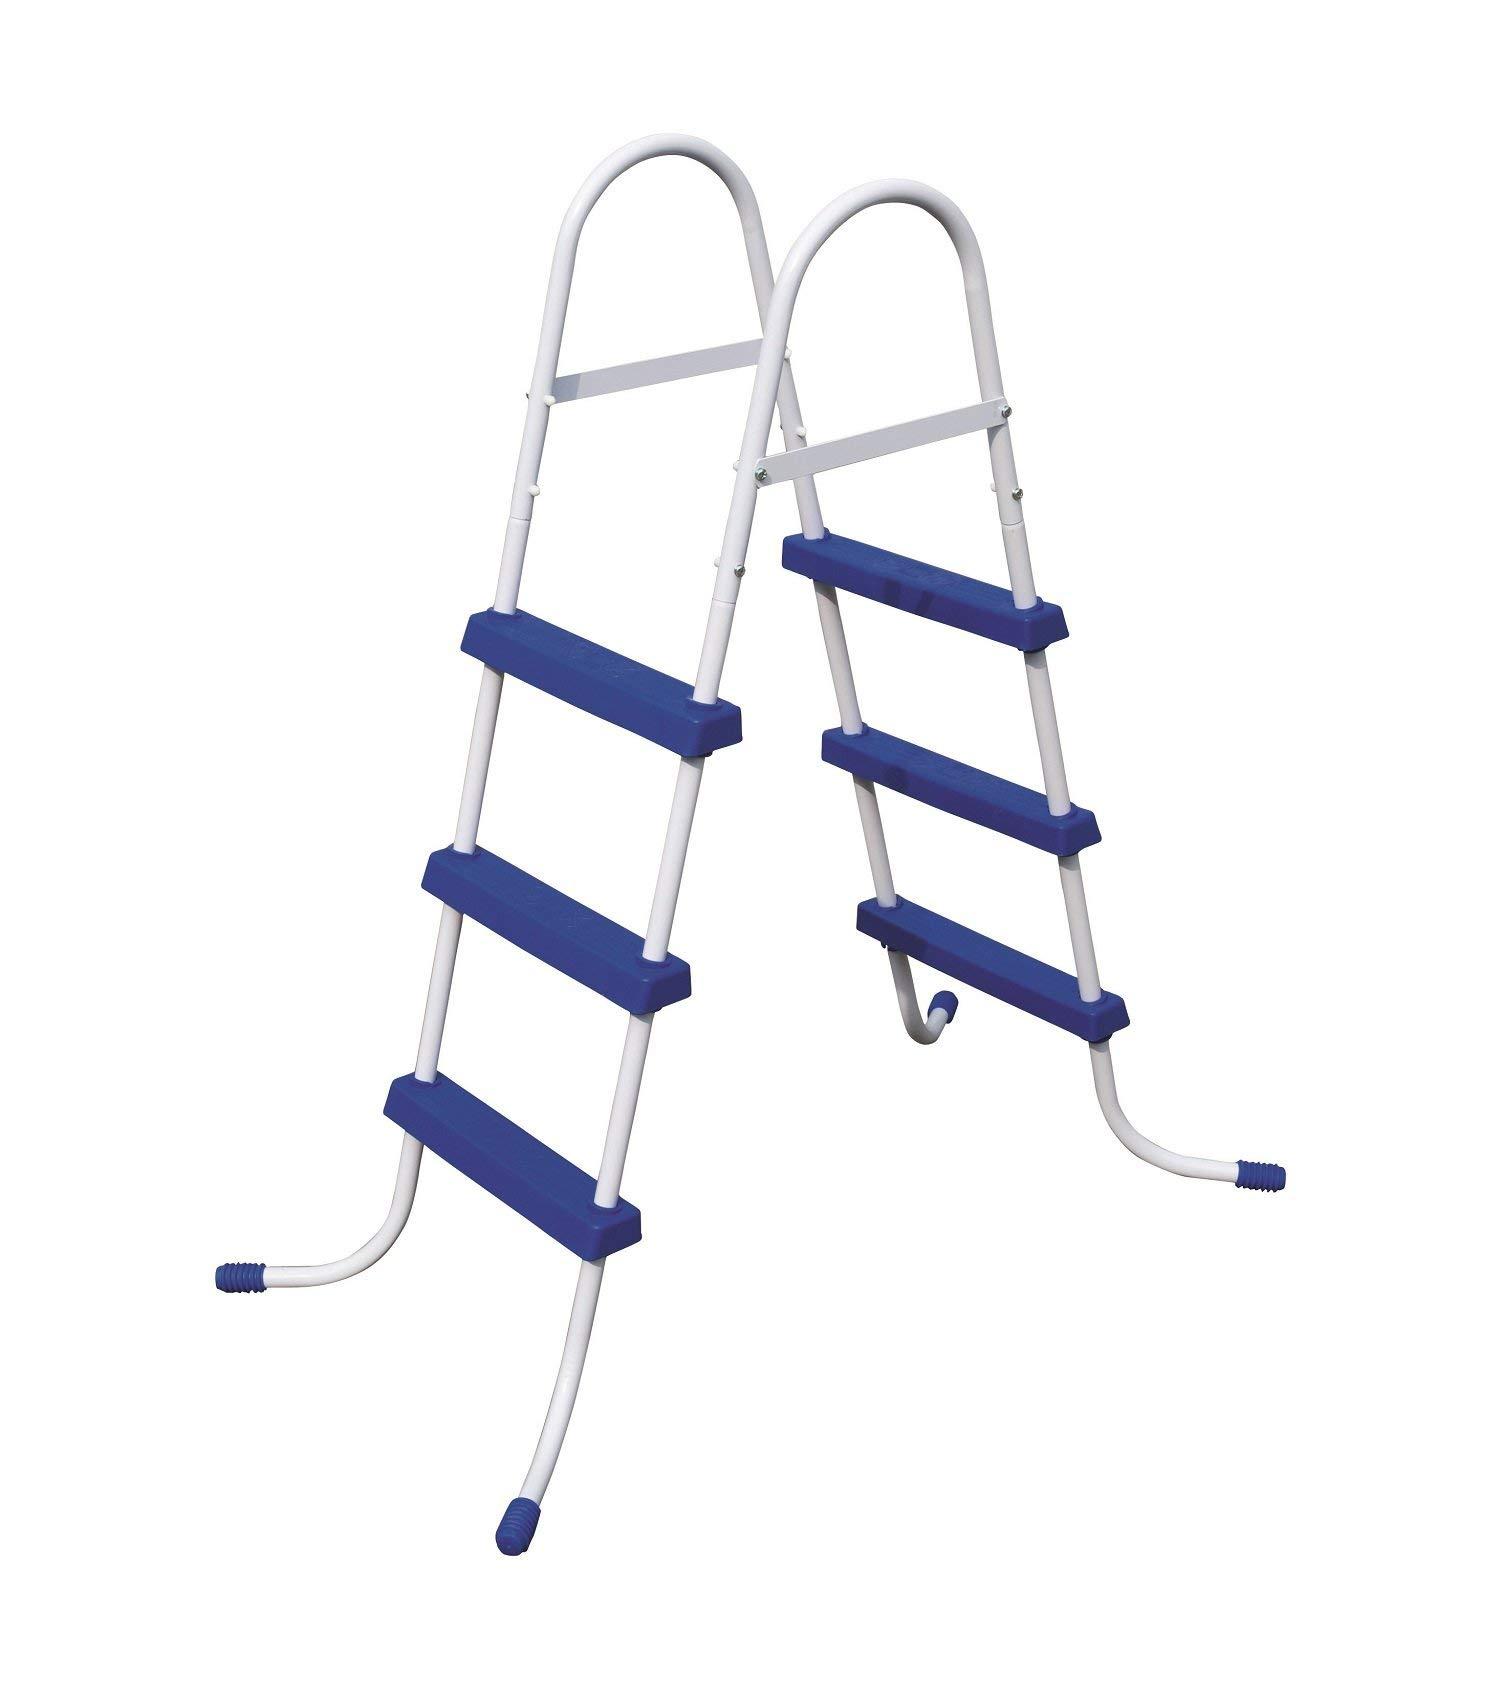 Bestway 58334E 58334 Pool Ladder, 36'', Blue (Renewed) by Bestway